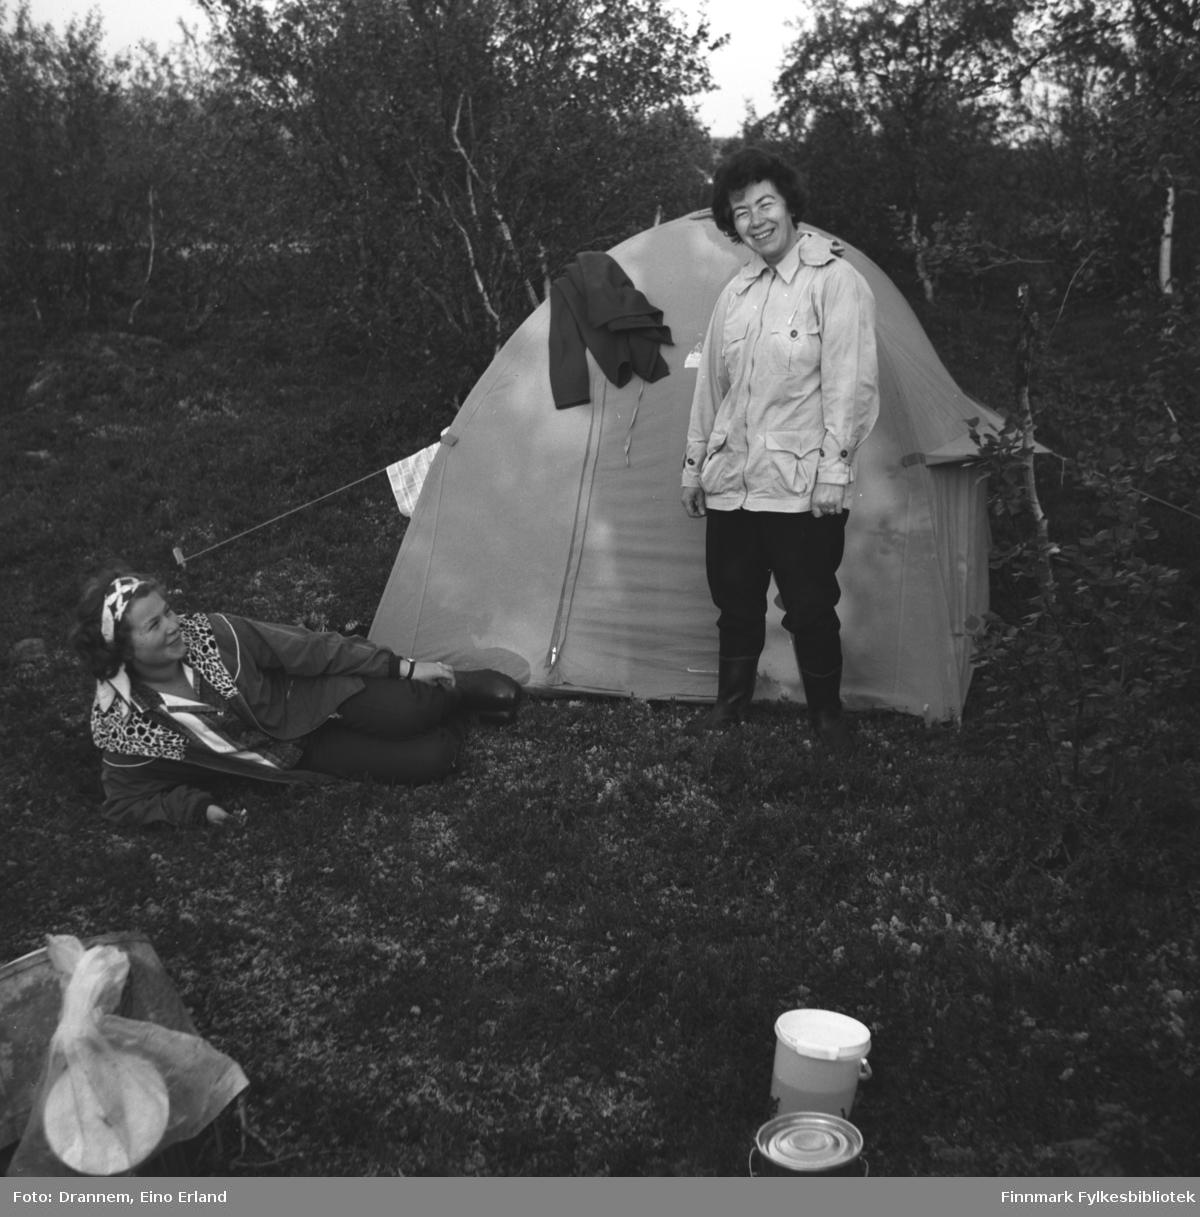 Truid Karikoski og Jenny Drannem på telttur. Stedet er ukjent, men kan være Neiden.